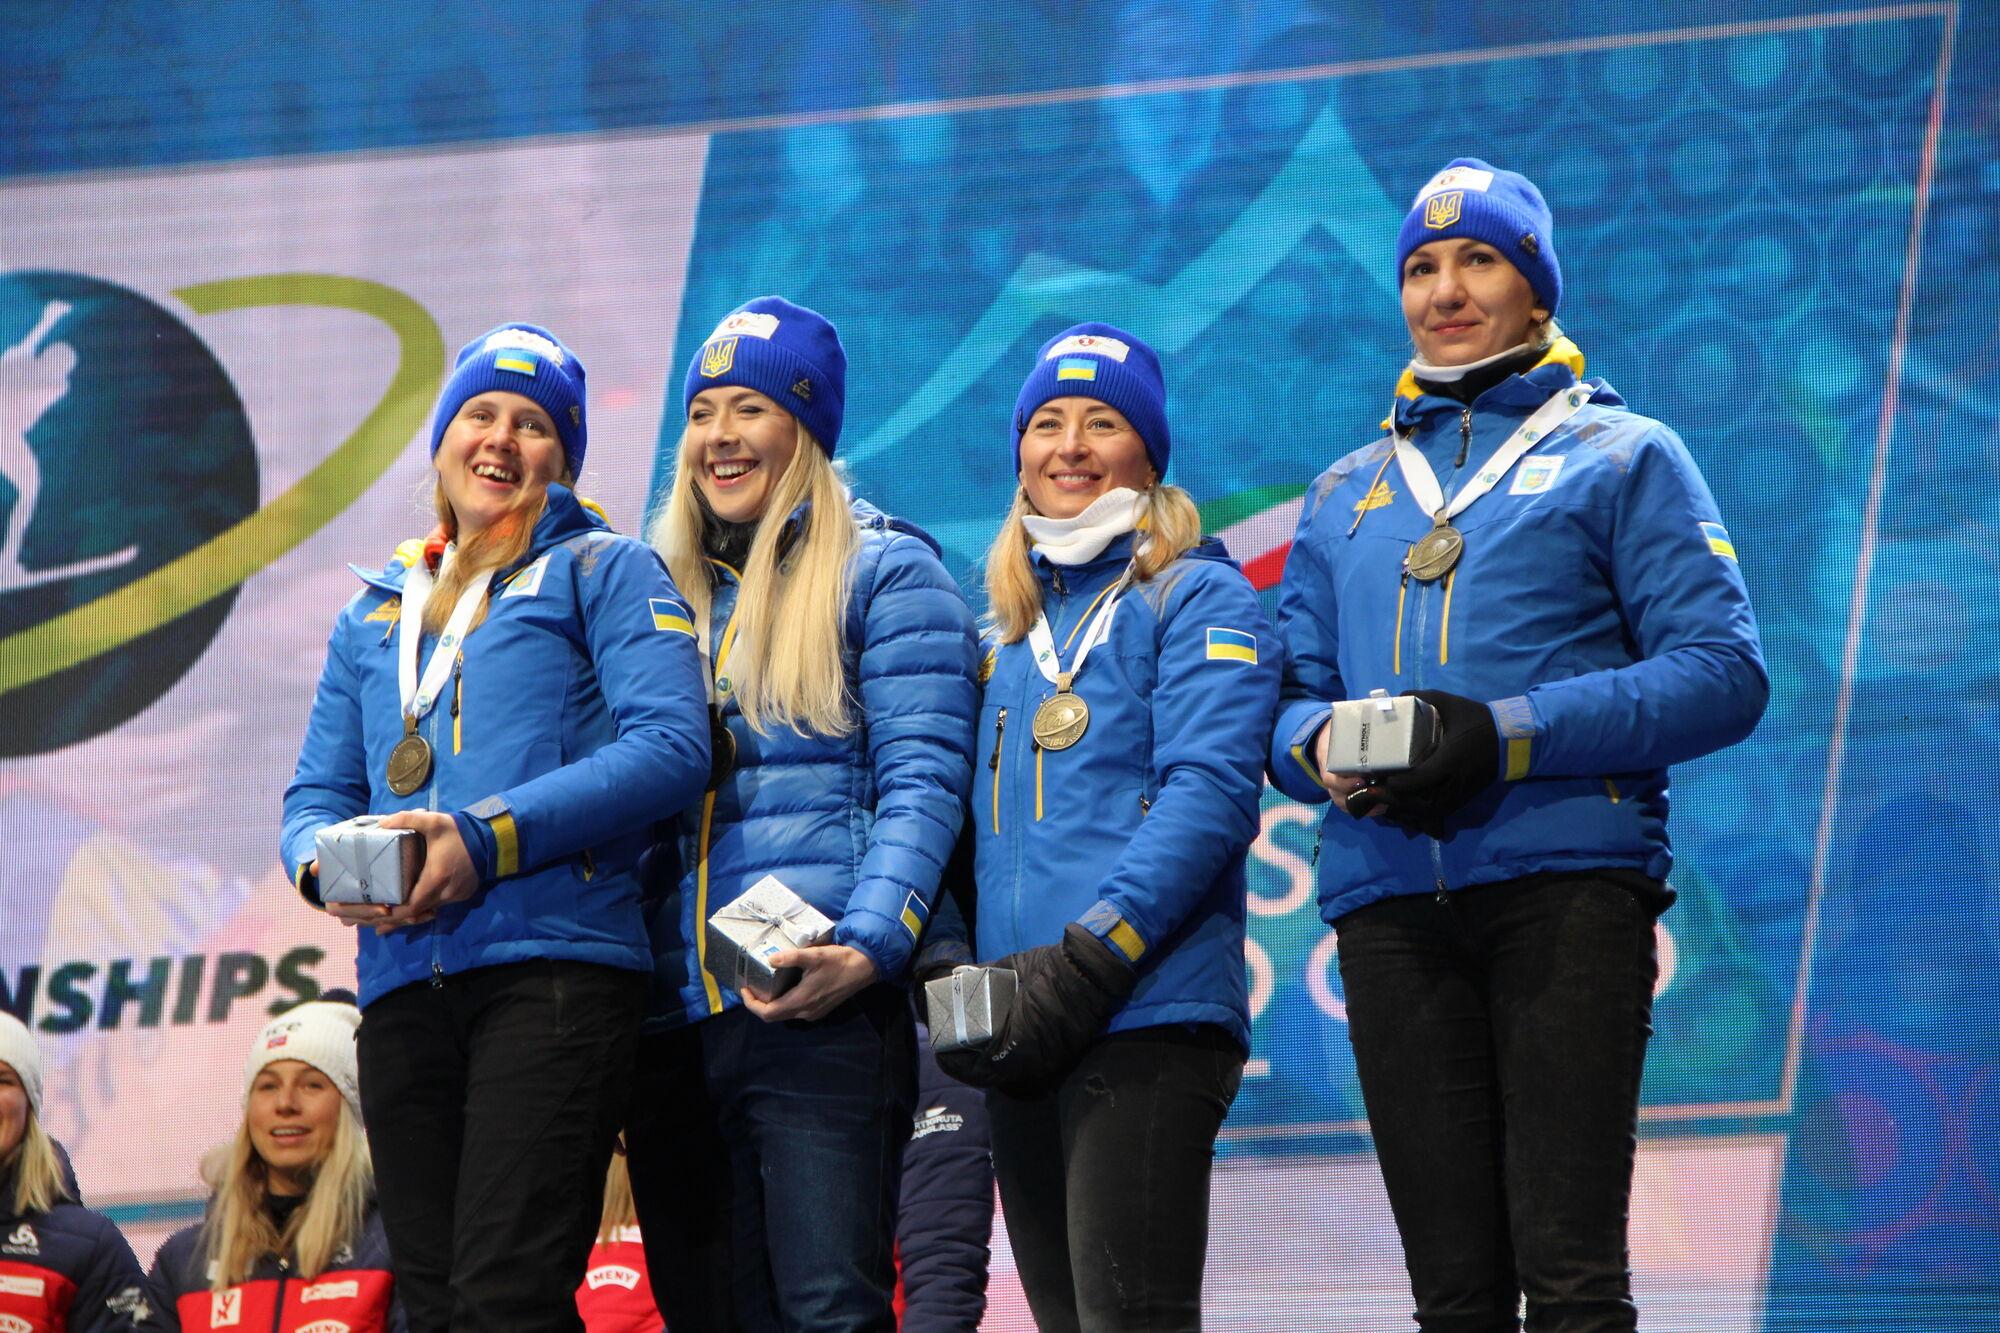 Сборная Украины на медальной церемонии